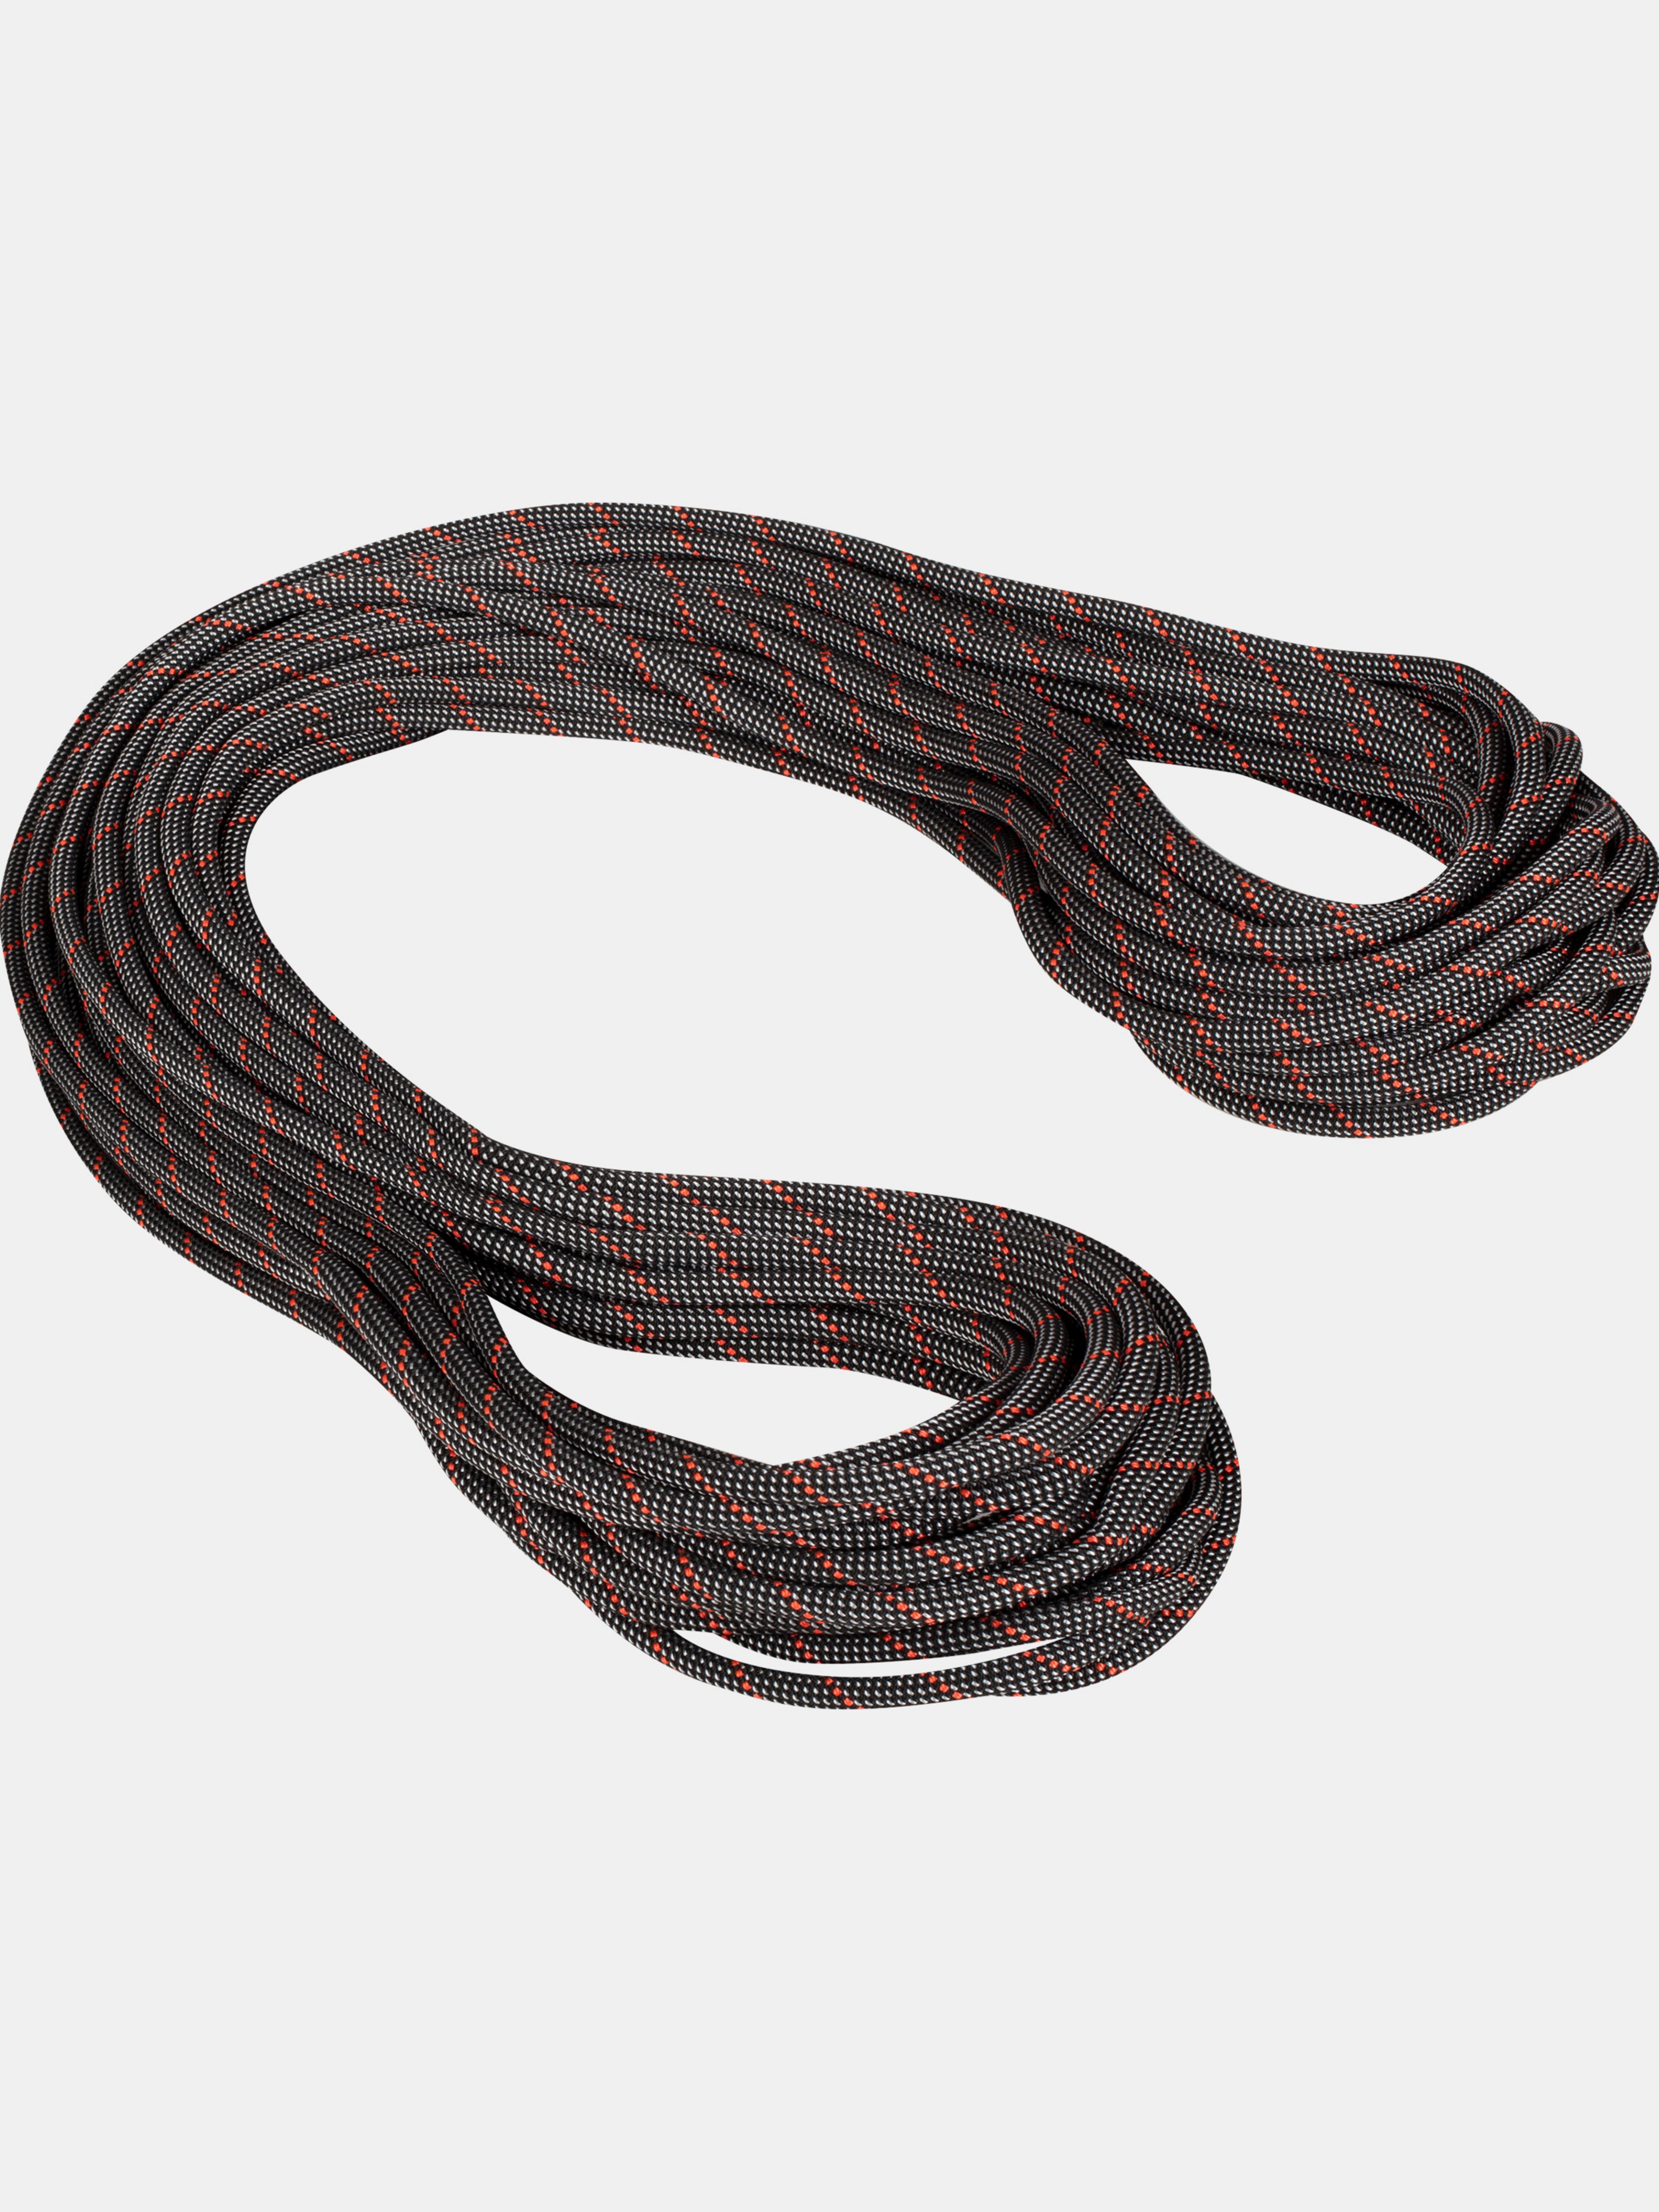 9.8 Crag Classic Rope image